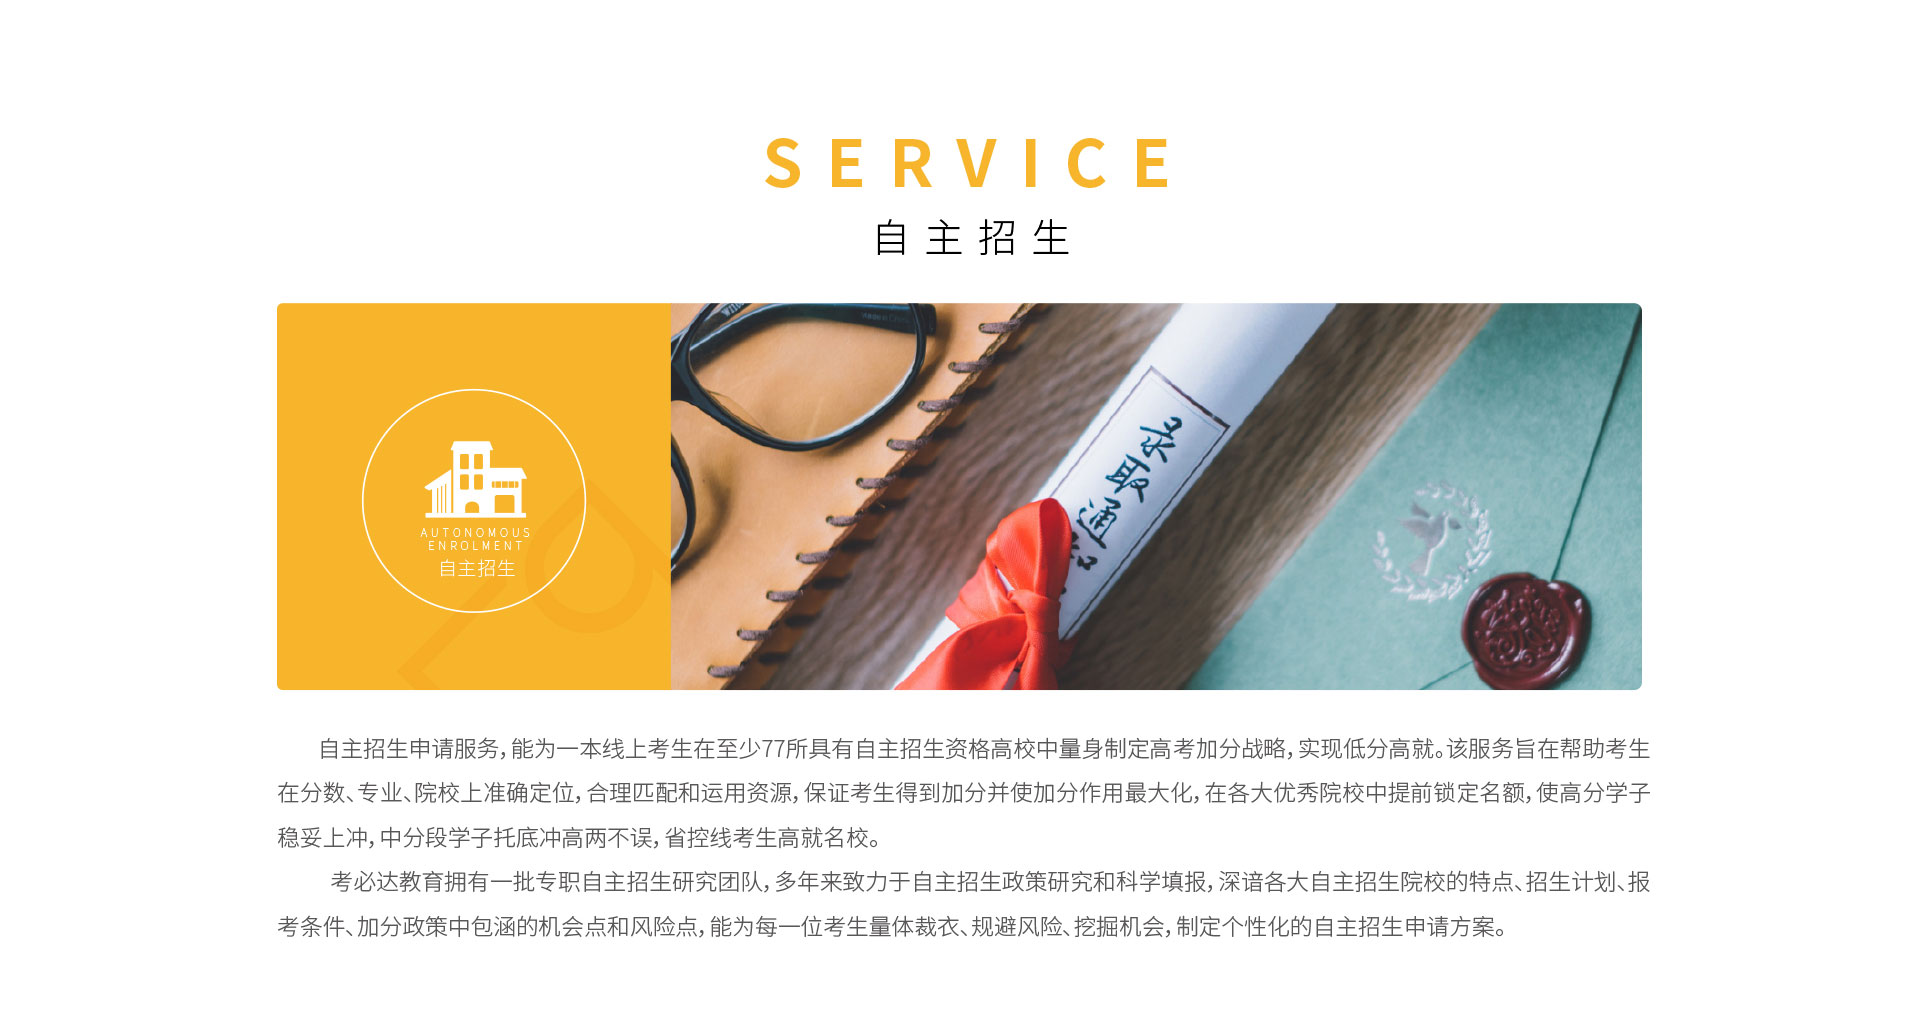 新版我们的服务详情页01